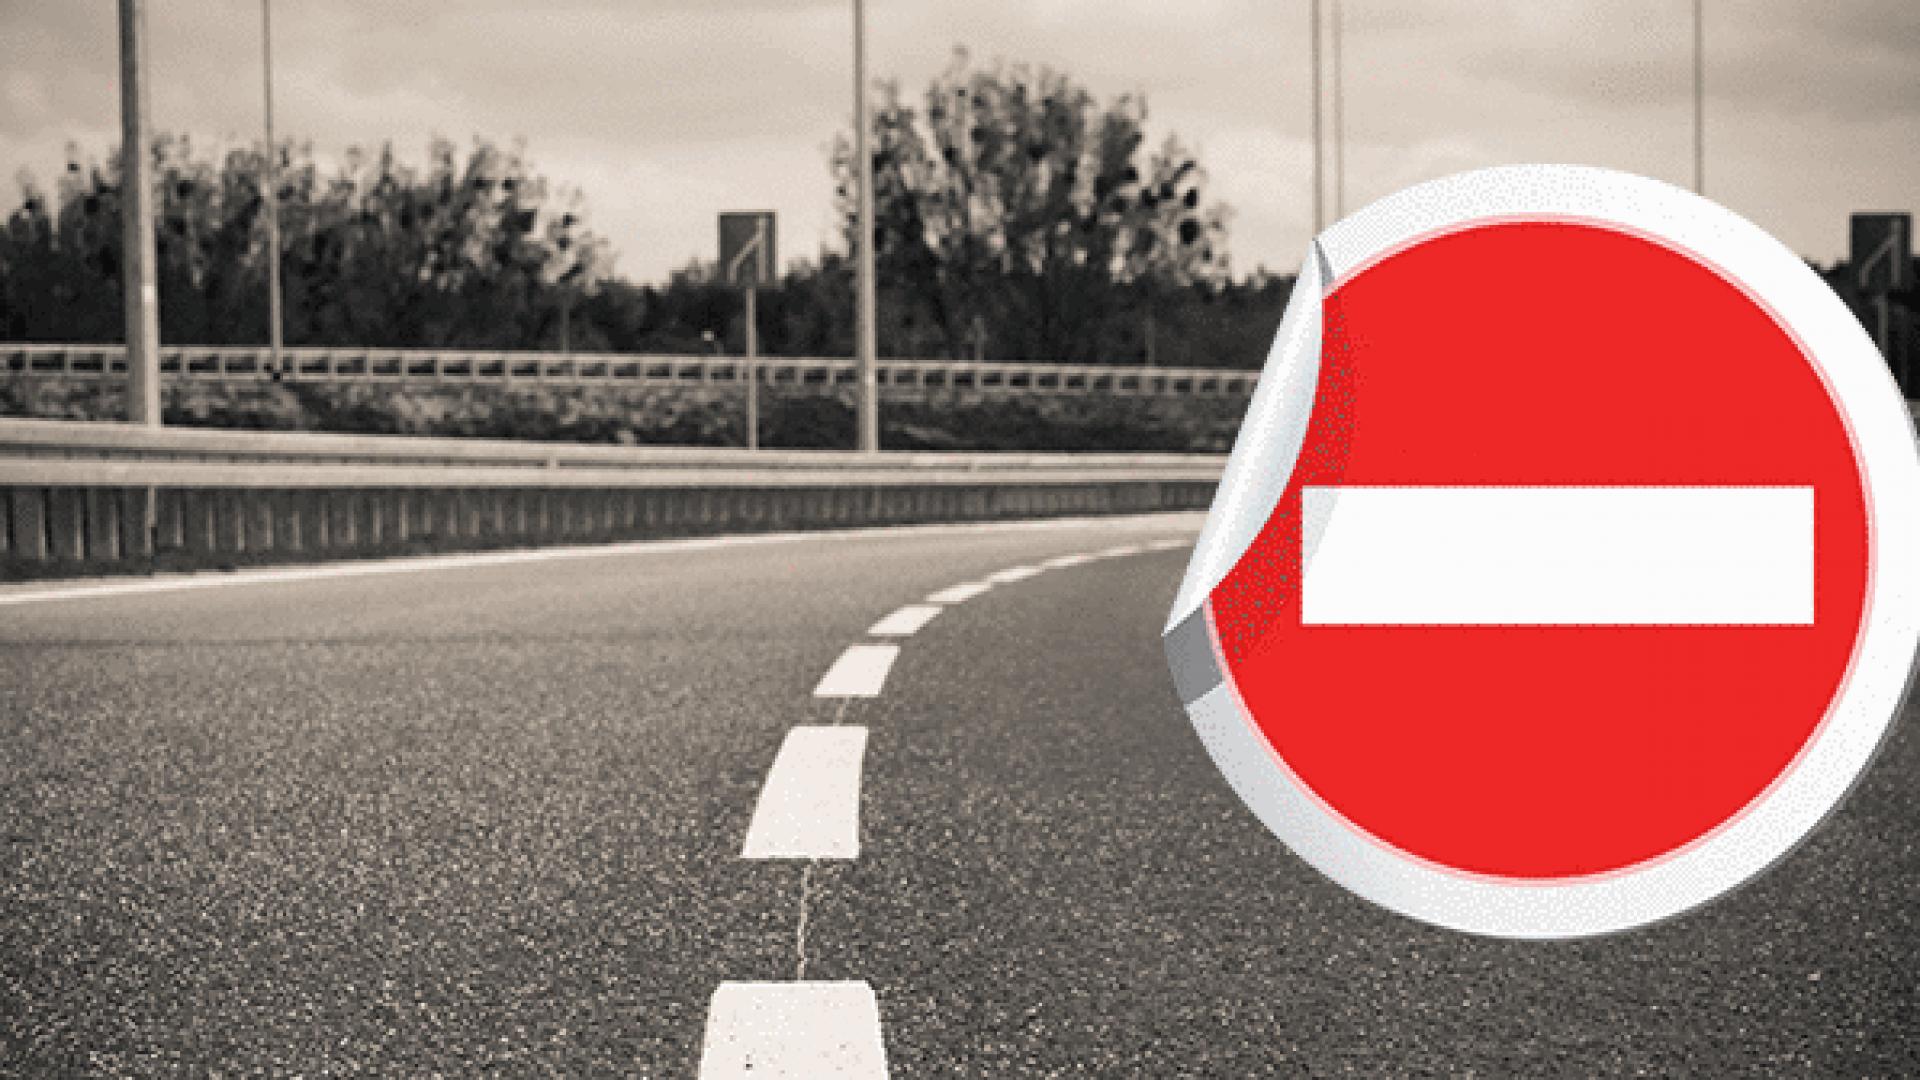 Restricții de circulație în municipiu